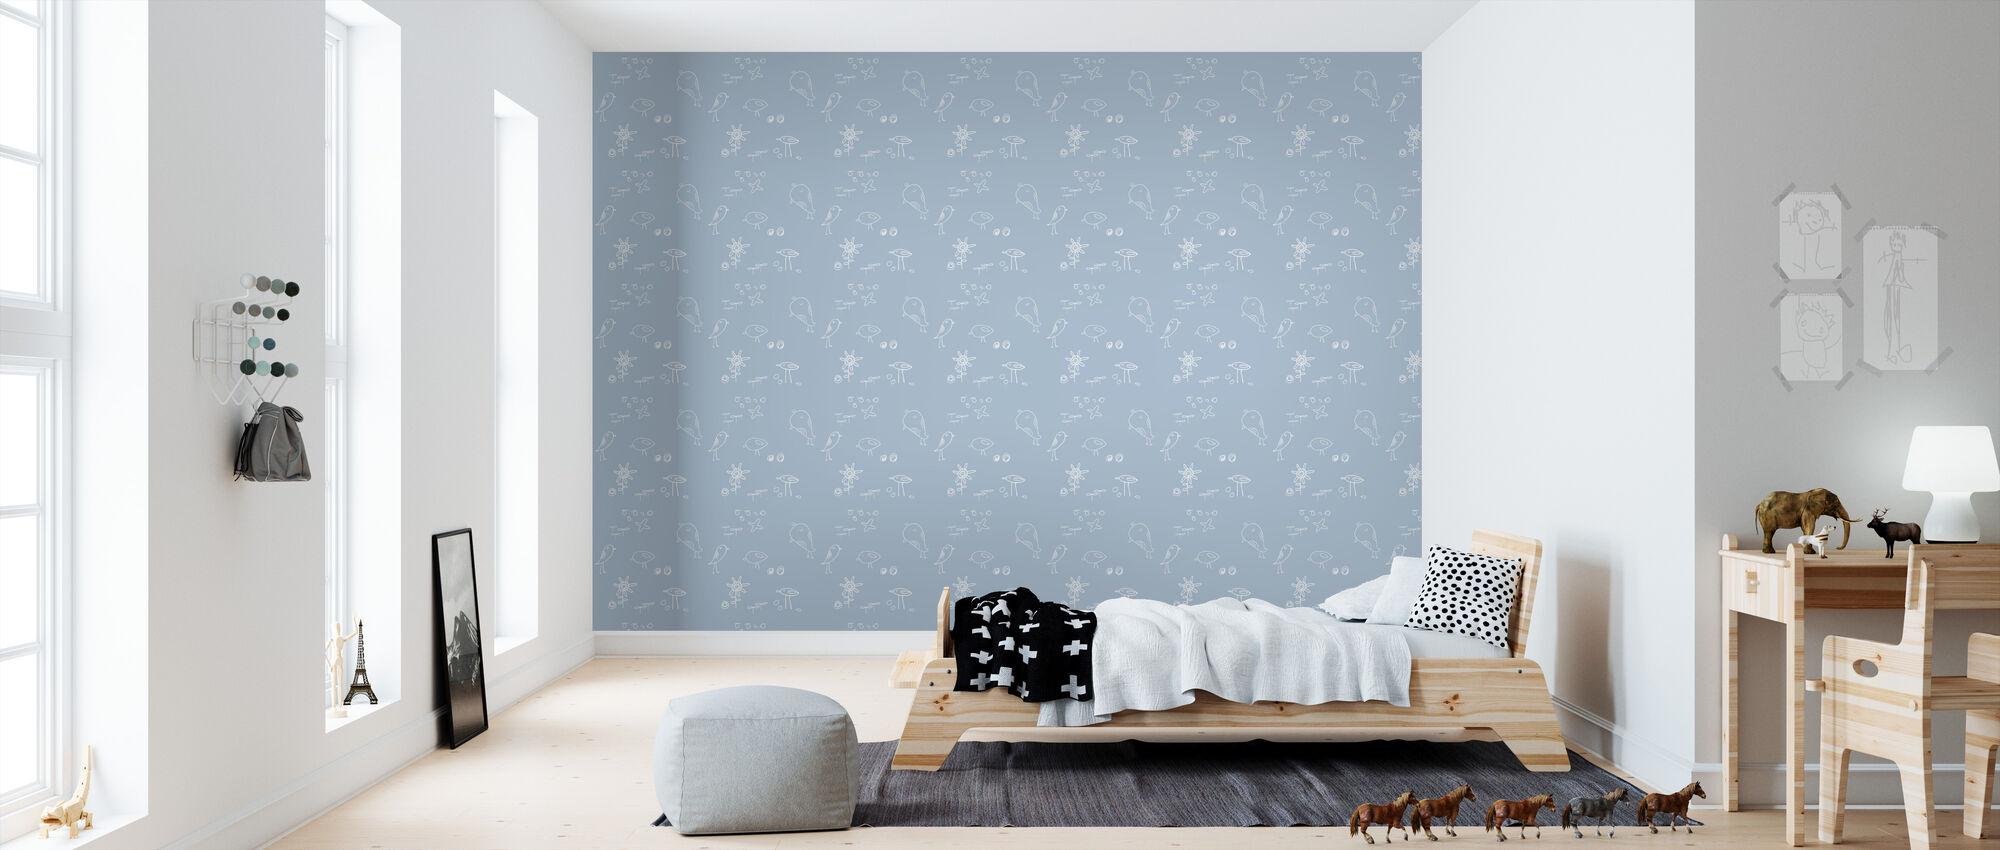 Twiggy And Bird - Gentle - Wallpaper - Kids Room